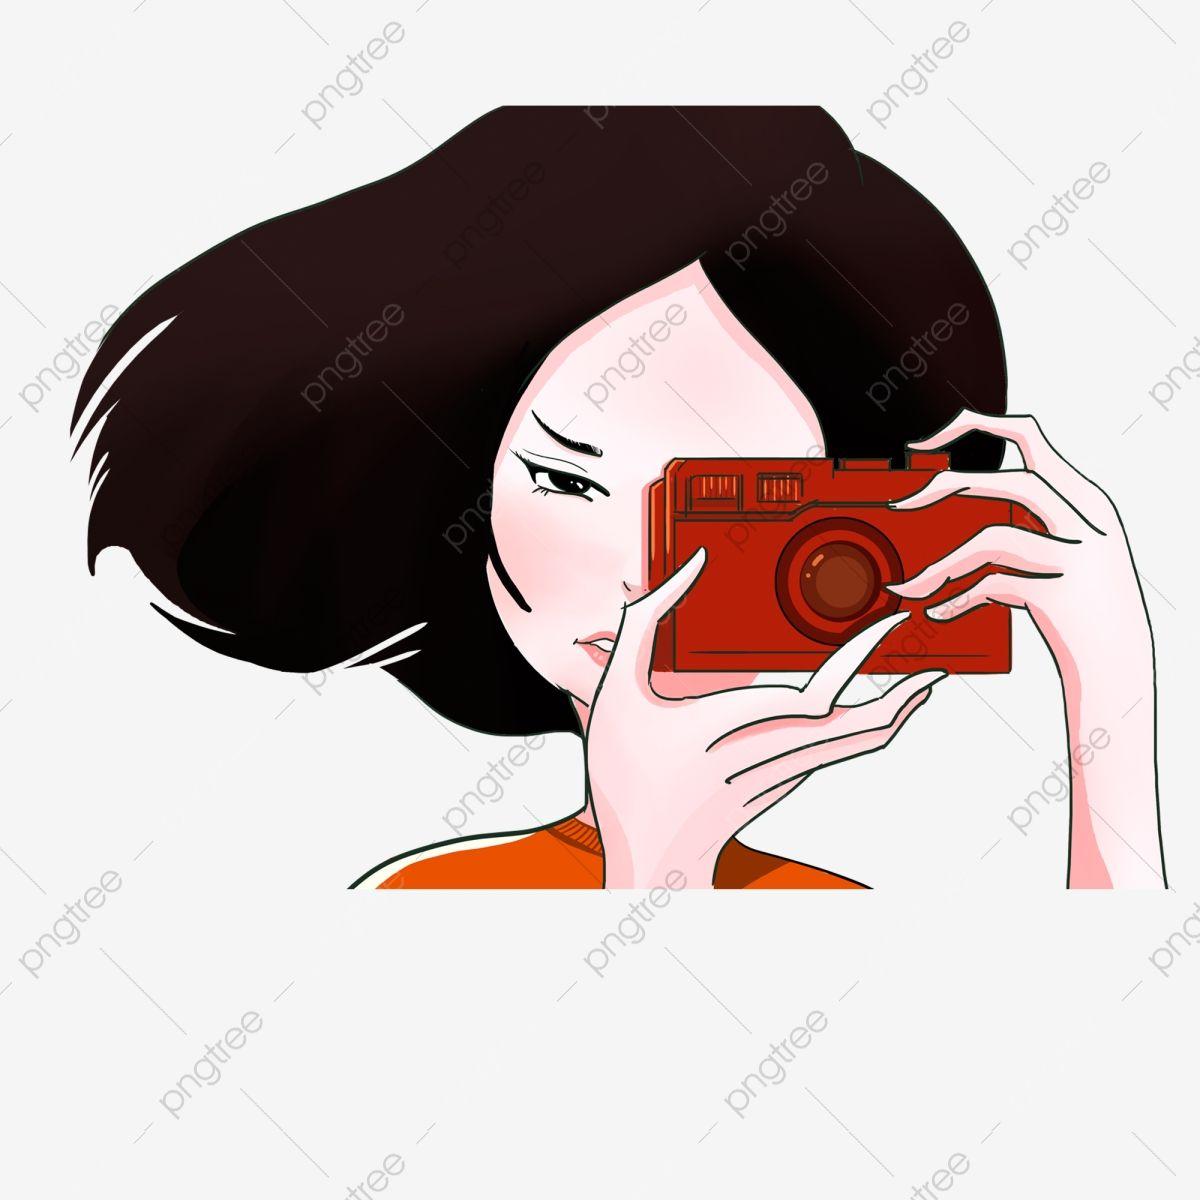 الكرتون كاميرا حمراء امرأة تحمل كاميرا صور امرأة الشعر القصير عطلة امرأة تحمل كاميرا صور صورة شخصية الكرتون كاميرا حمراء Png وملف Psd للتحميل مجانا Beautiful Women Pictures Pictures Iphone Background